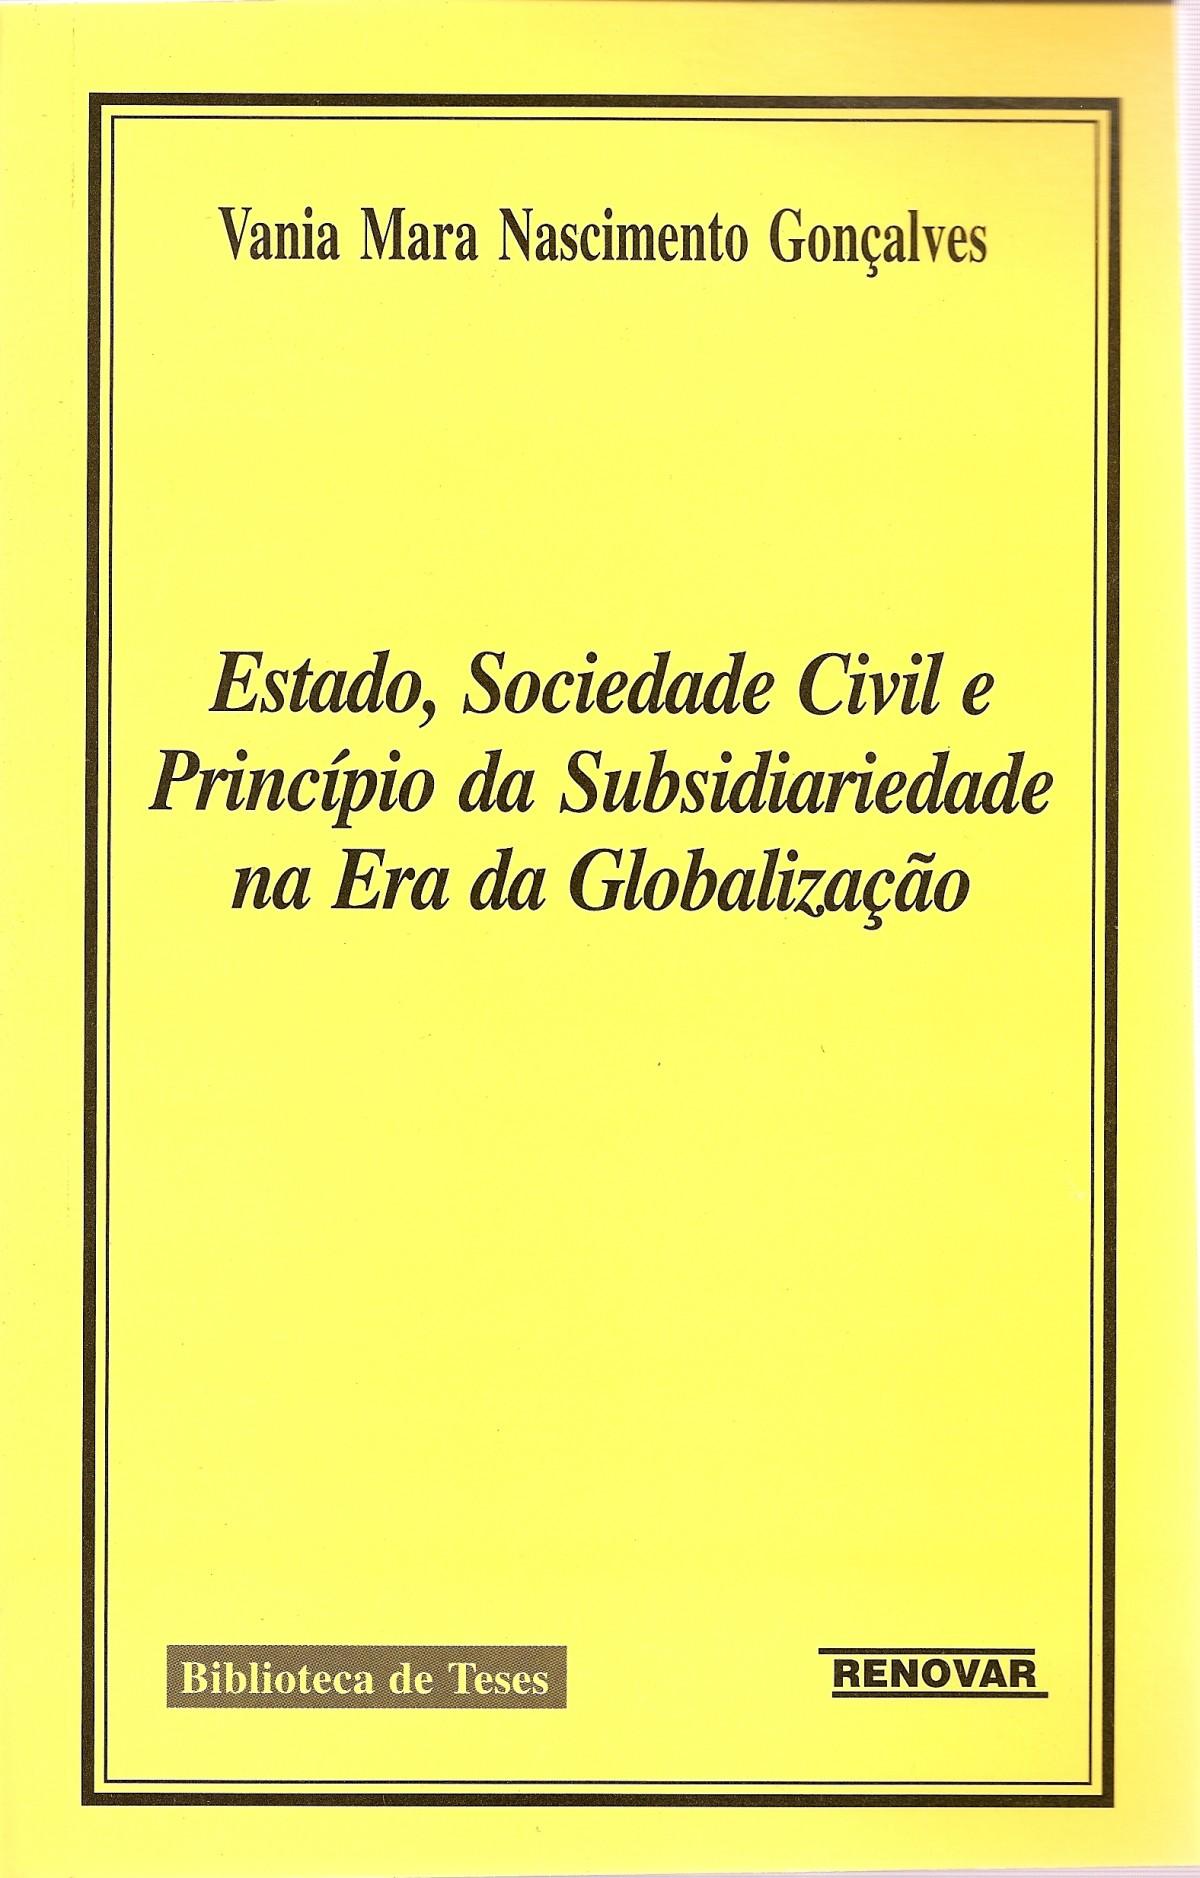 Foto 1 - Estado, Sociedade Civil e Princípio da Subsidiariedade na Era da Globalização